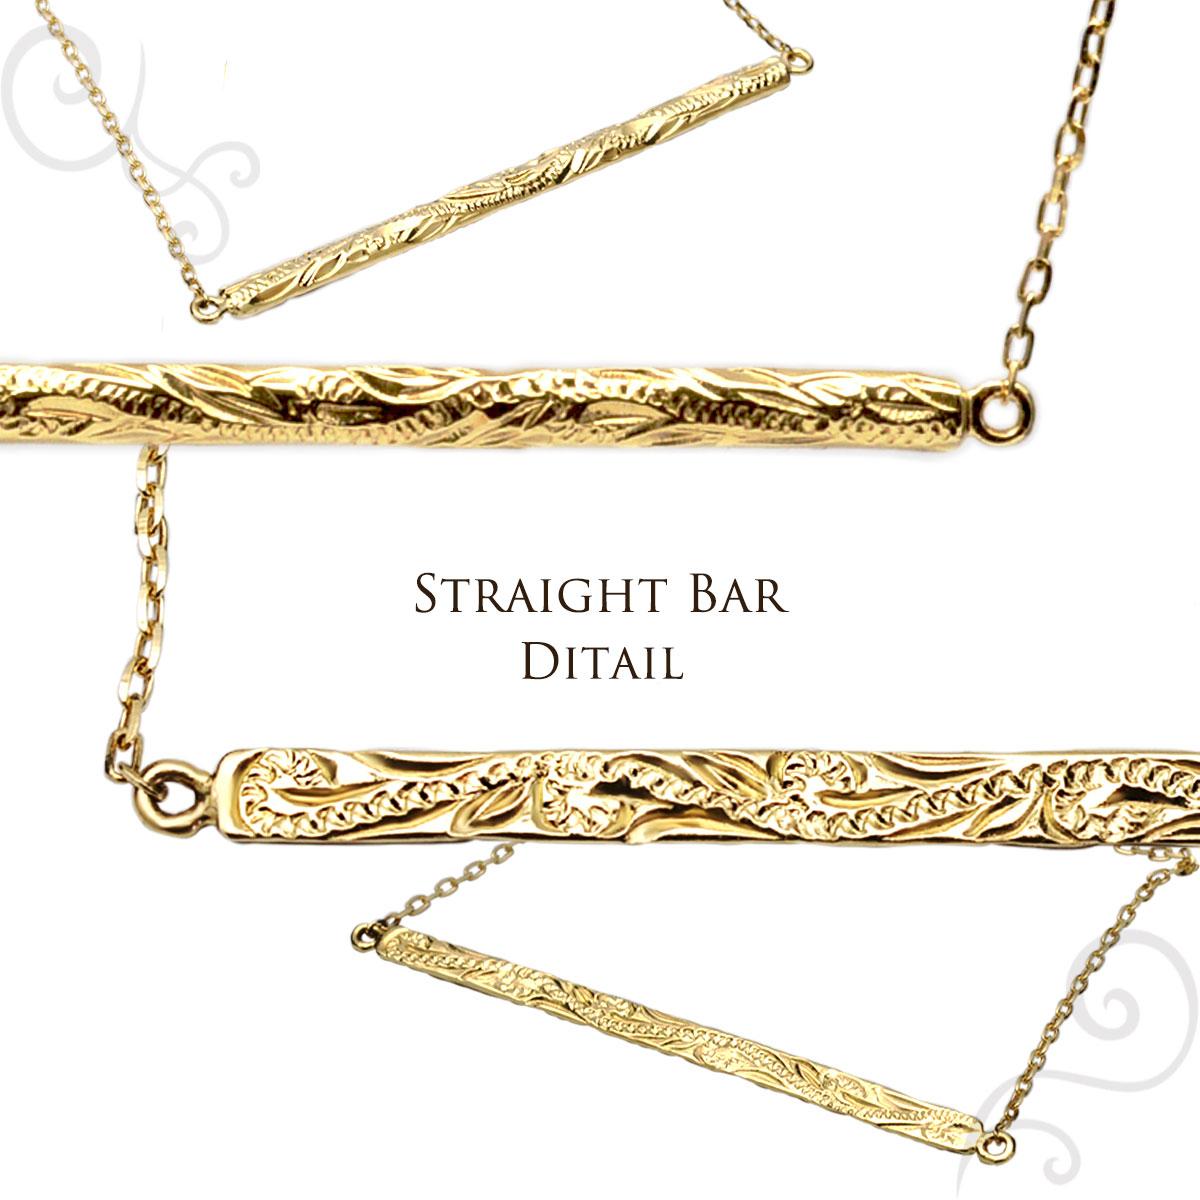 18Kネックレス ゴールドネックレス 18金 ハワイアンジュエリー K18 イエローゴールド 胸元をそっと飾る ストレート・バー ゴールド ペンダント ペンダント華奢 シンプル ane1531 プレゼント ギフト